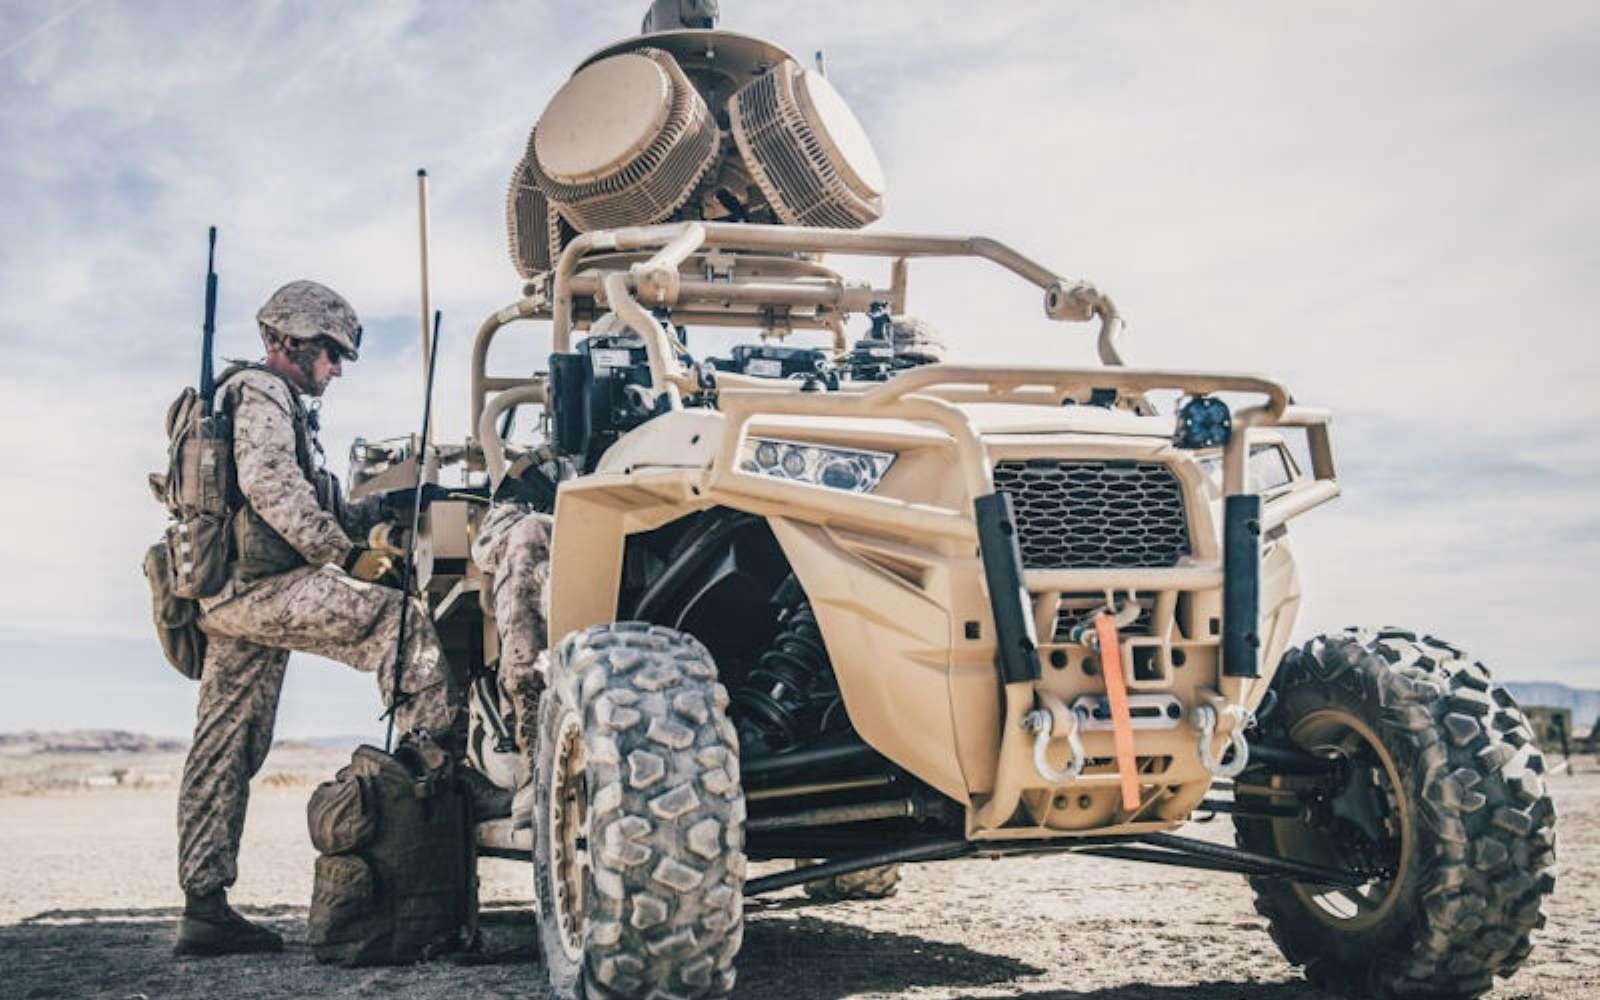 Le LMADIS est habituellement utilisé en version terrestre avec deux véhicules. L'un est doté des équipements de détection et de brouillage, l'autre sert de centre de commandement. © U.S. Marine Corps / Lance CPL. Dalton S. Swanbeck